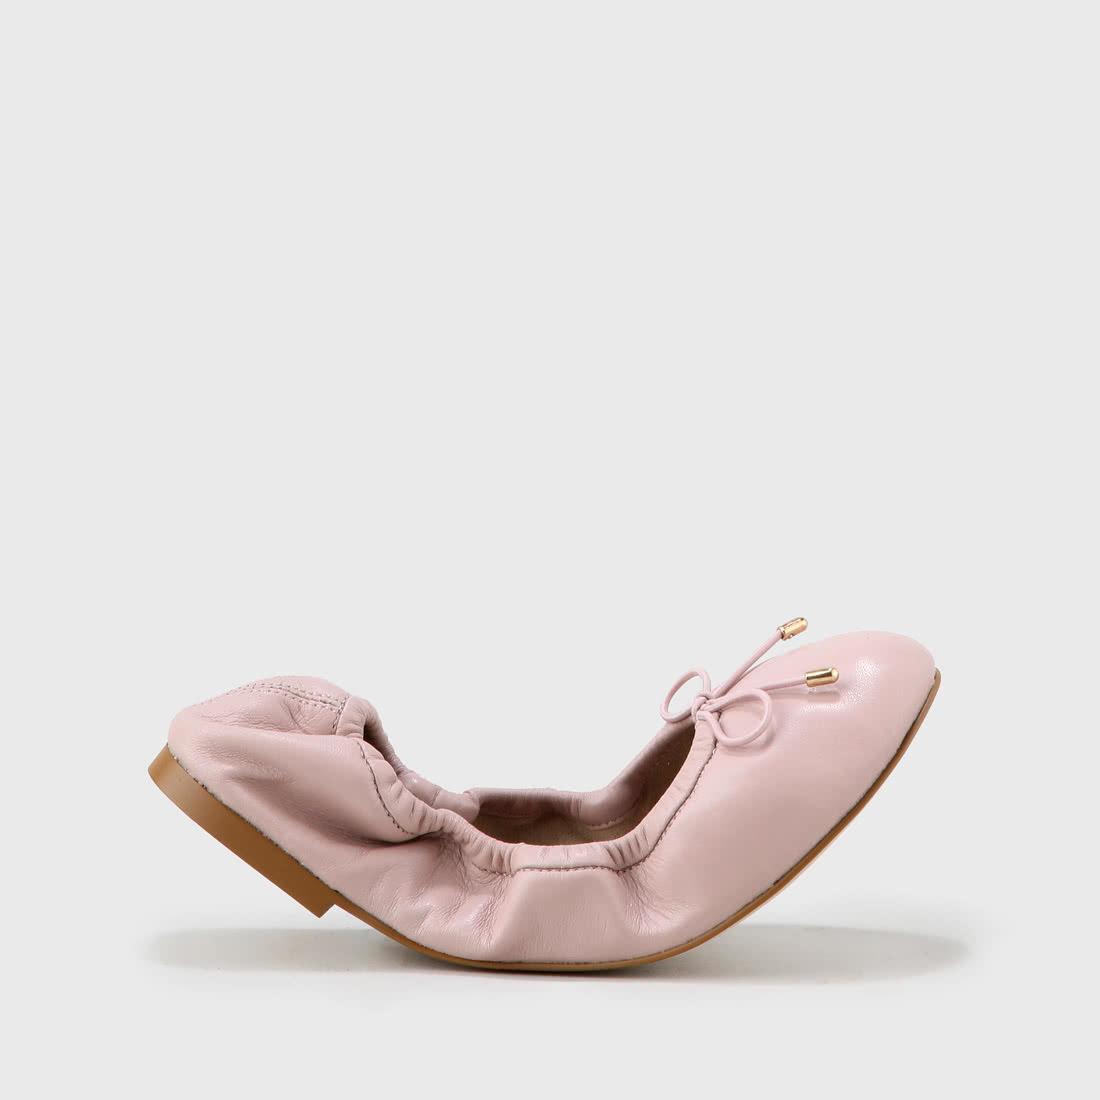 Buffalo ballerina pumps in pink buy online in BUFFALO Online